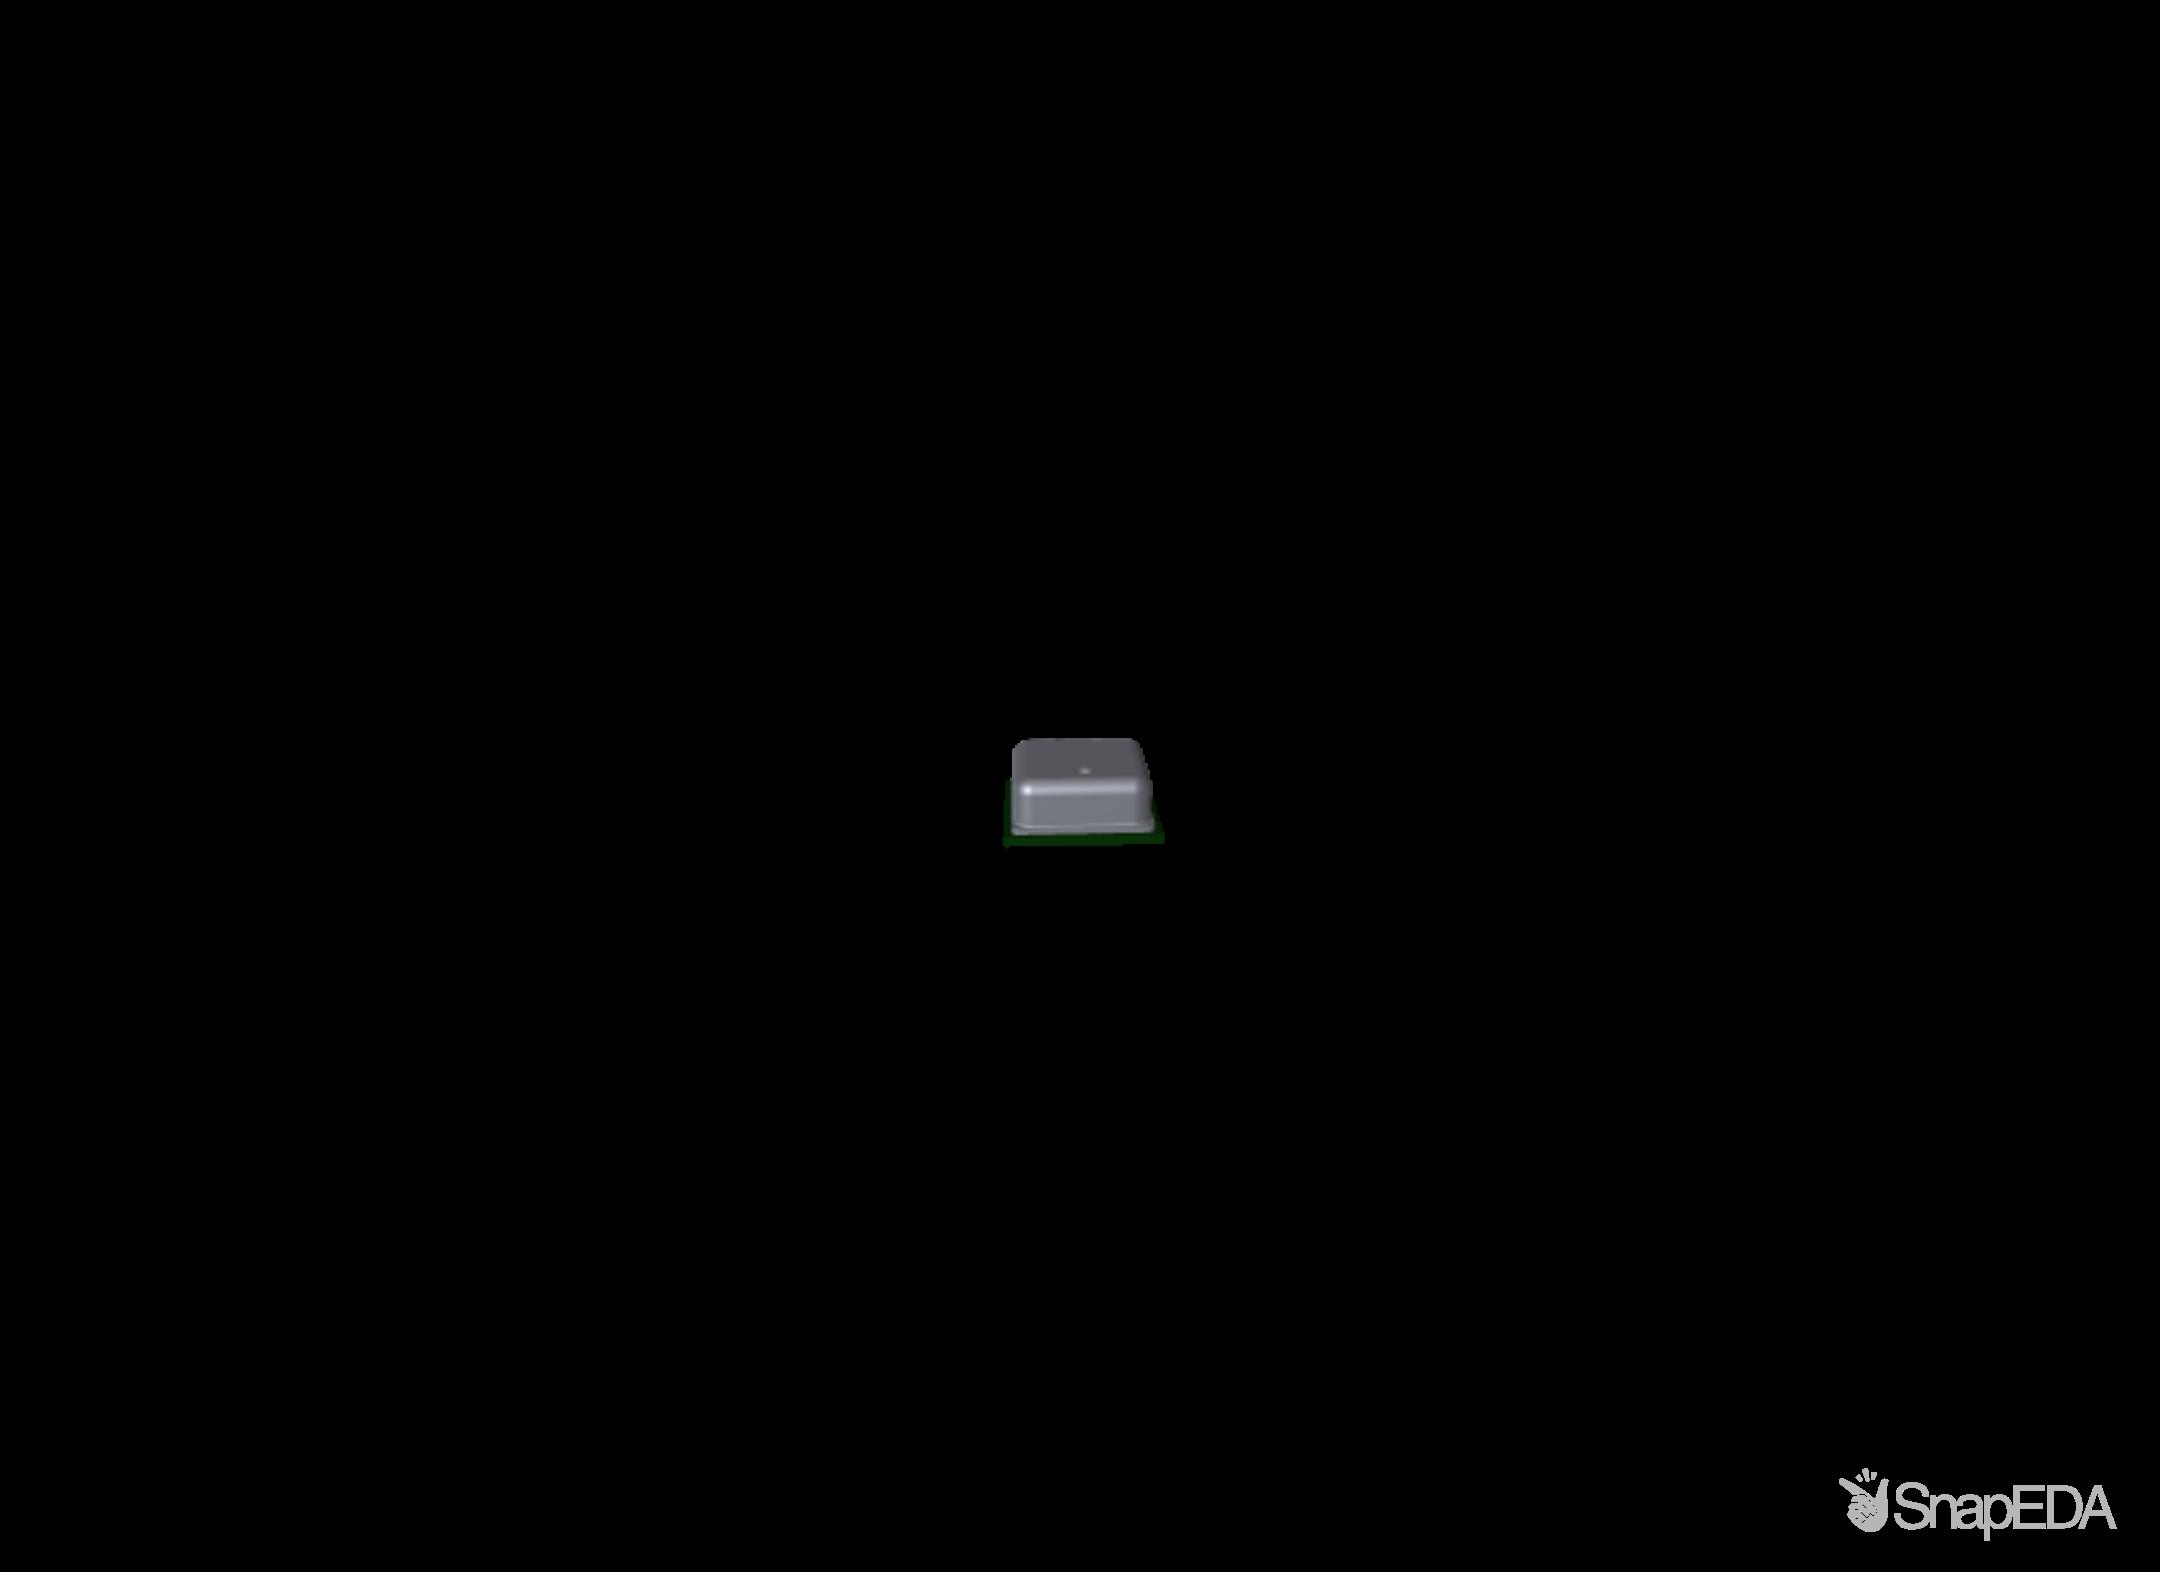 BME280 3D Model